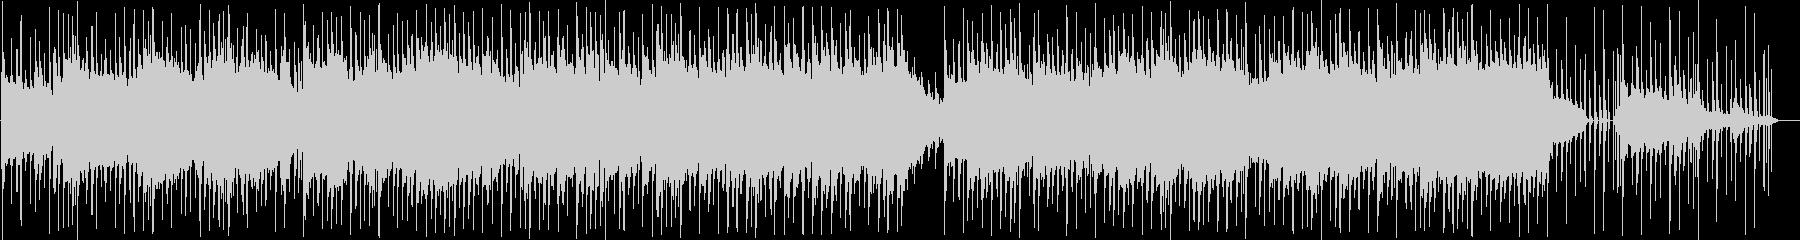 ピアノの喜怒哀楽を表現の未再生の波形